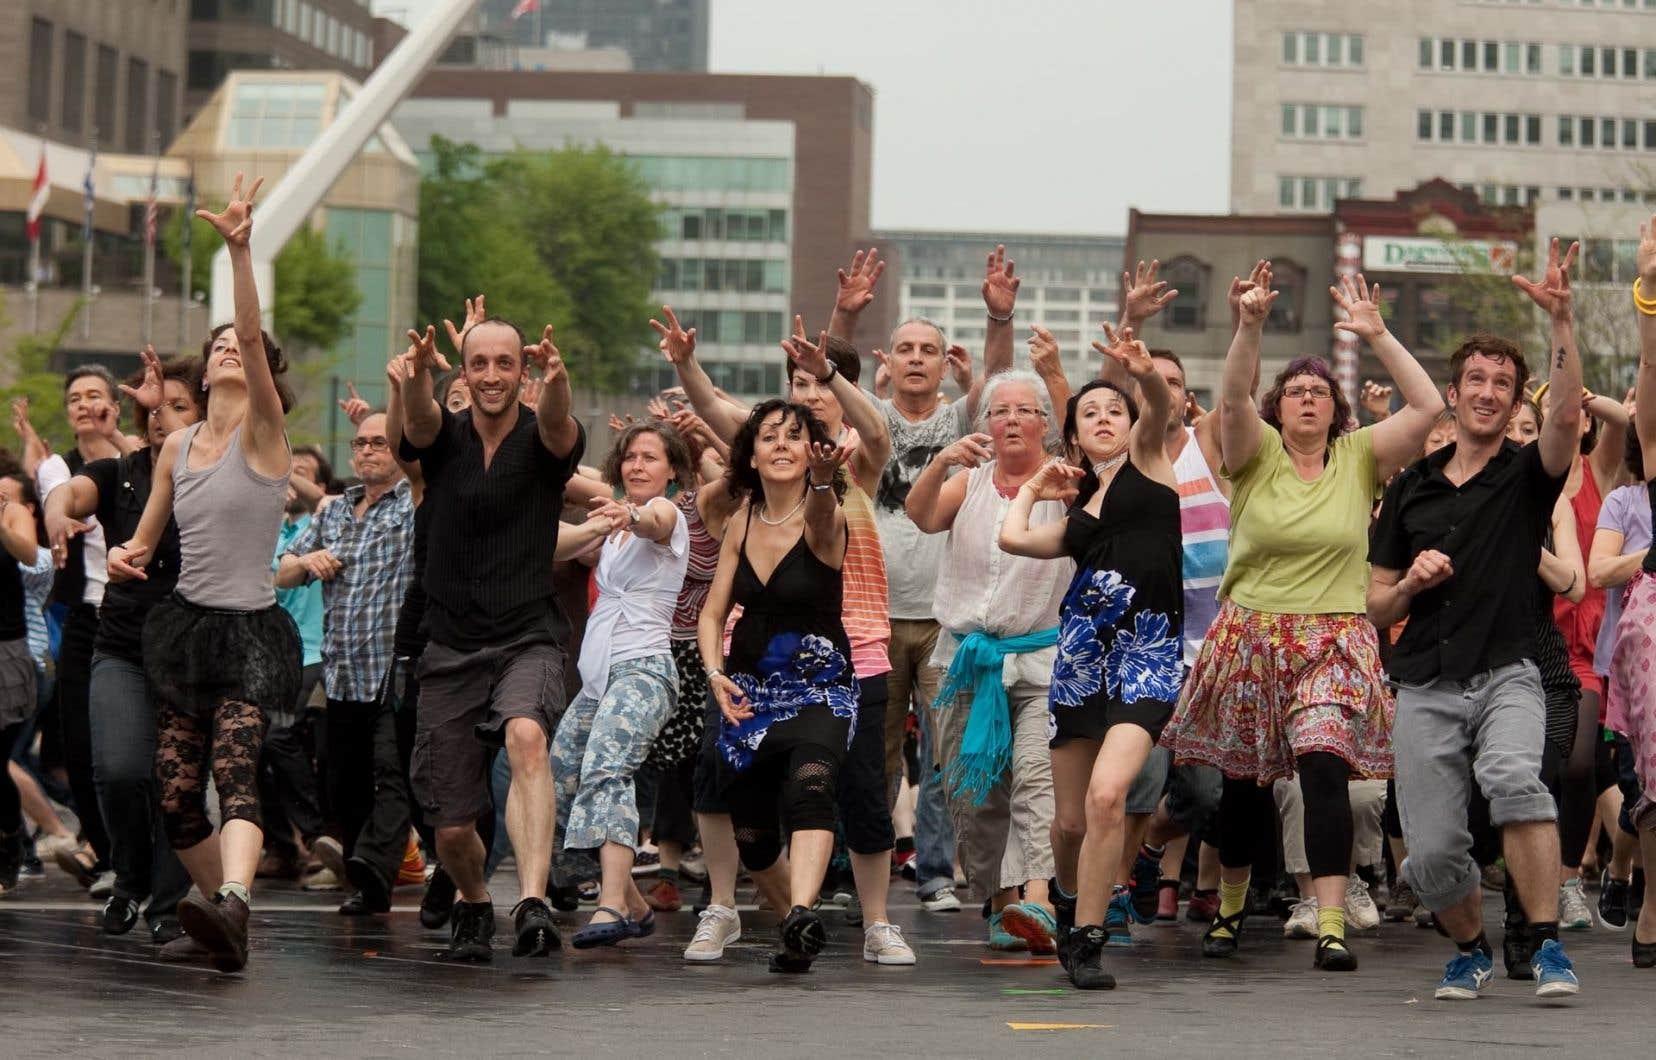 Reprise dans le cadre du festival Virée classique, la prochaine mouture montréalaise du «Grand Continental» revisitera la danse en ligne dans la rue Sainte-Catherine, face à la Place des Arts.